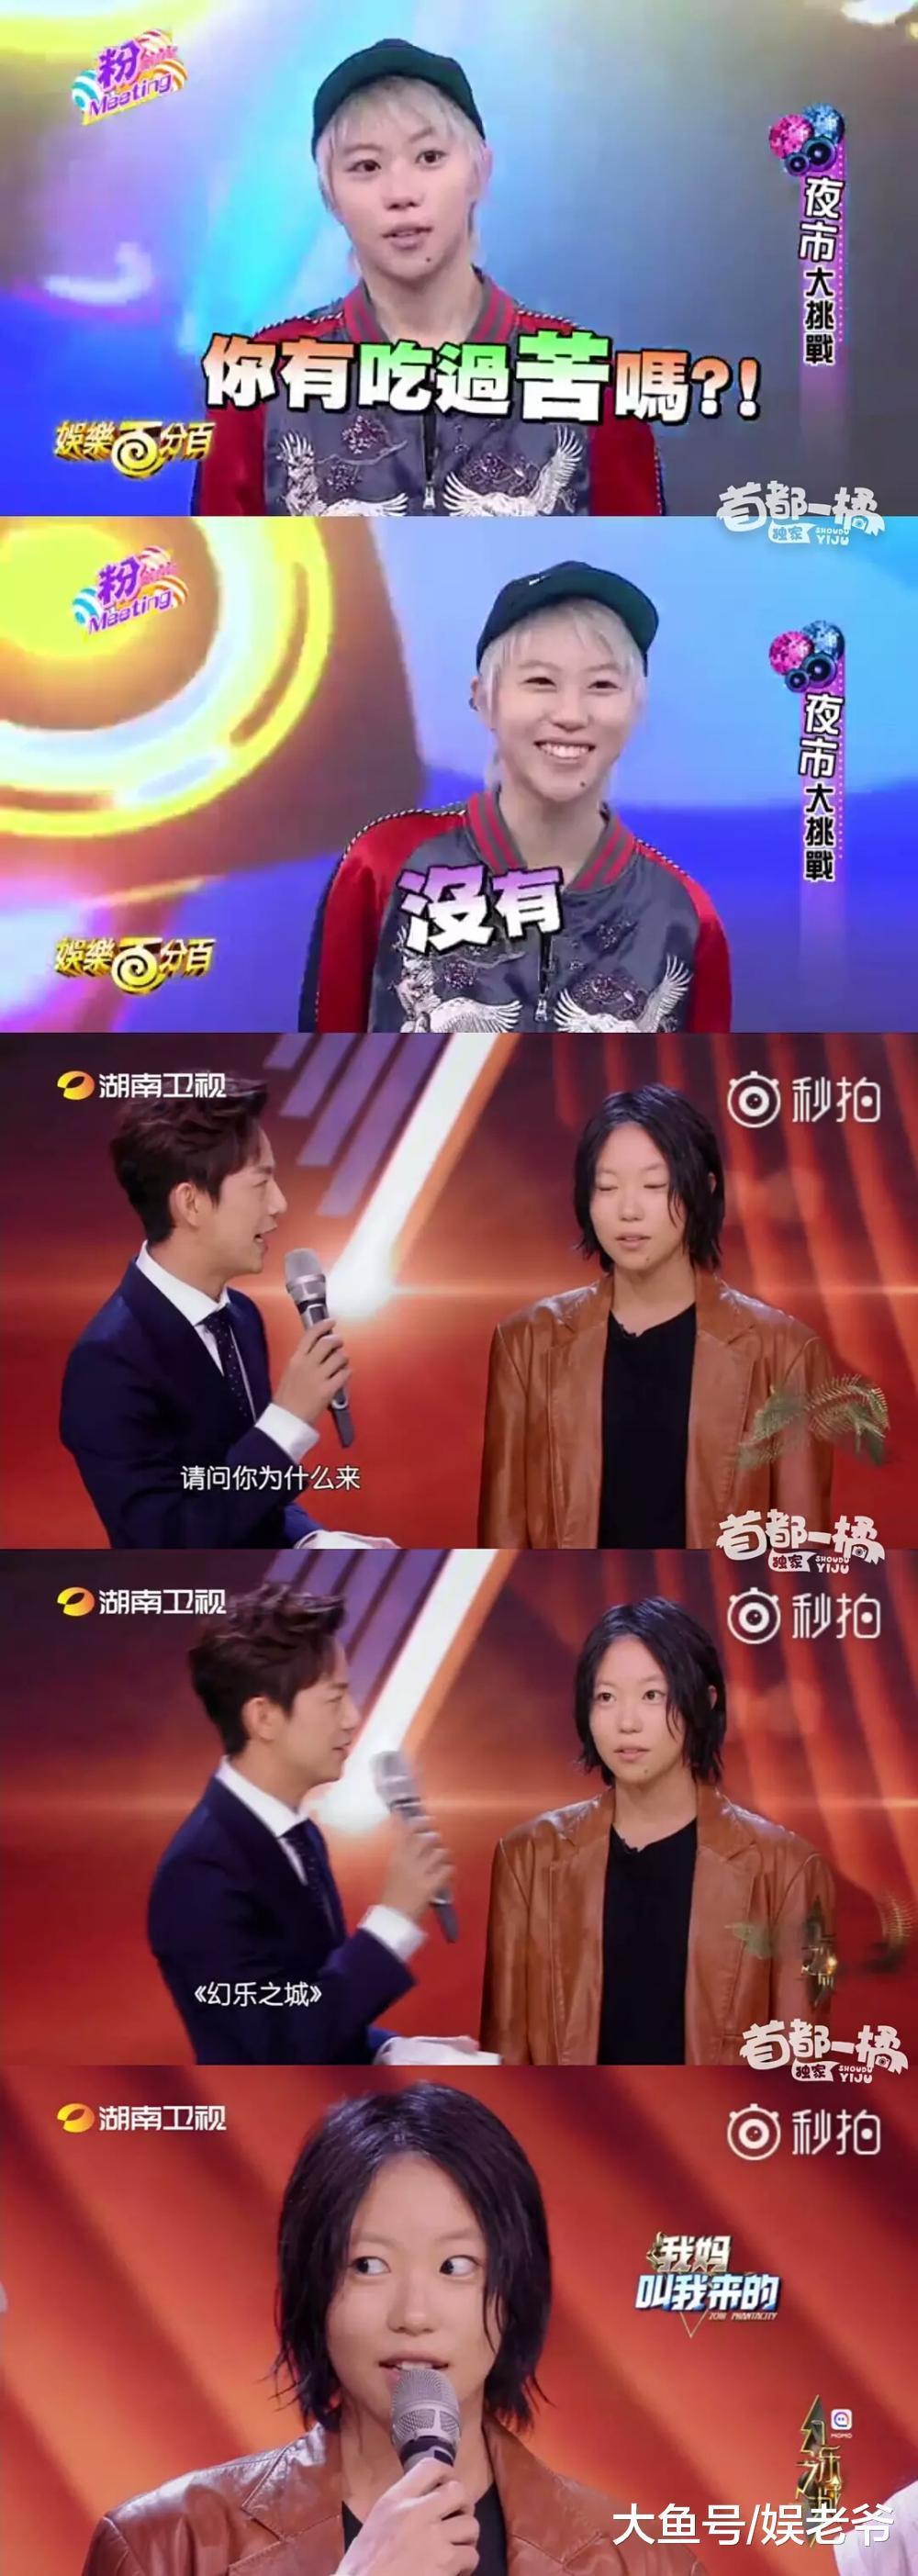 李易峰竟开始炫富? 王嘉尔鼻孔大竟因为它? 这些明星都怎么了!